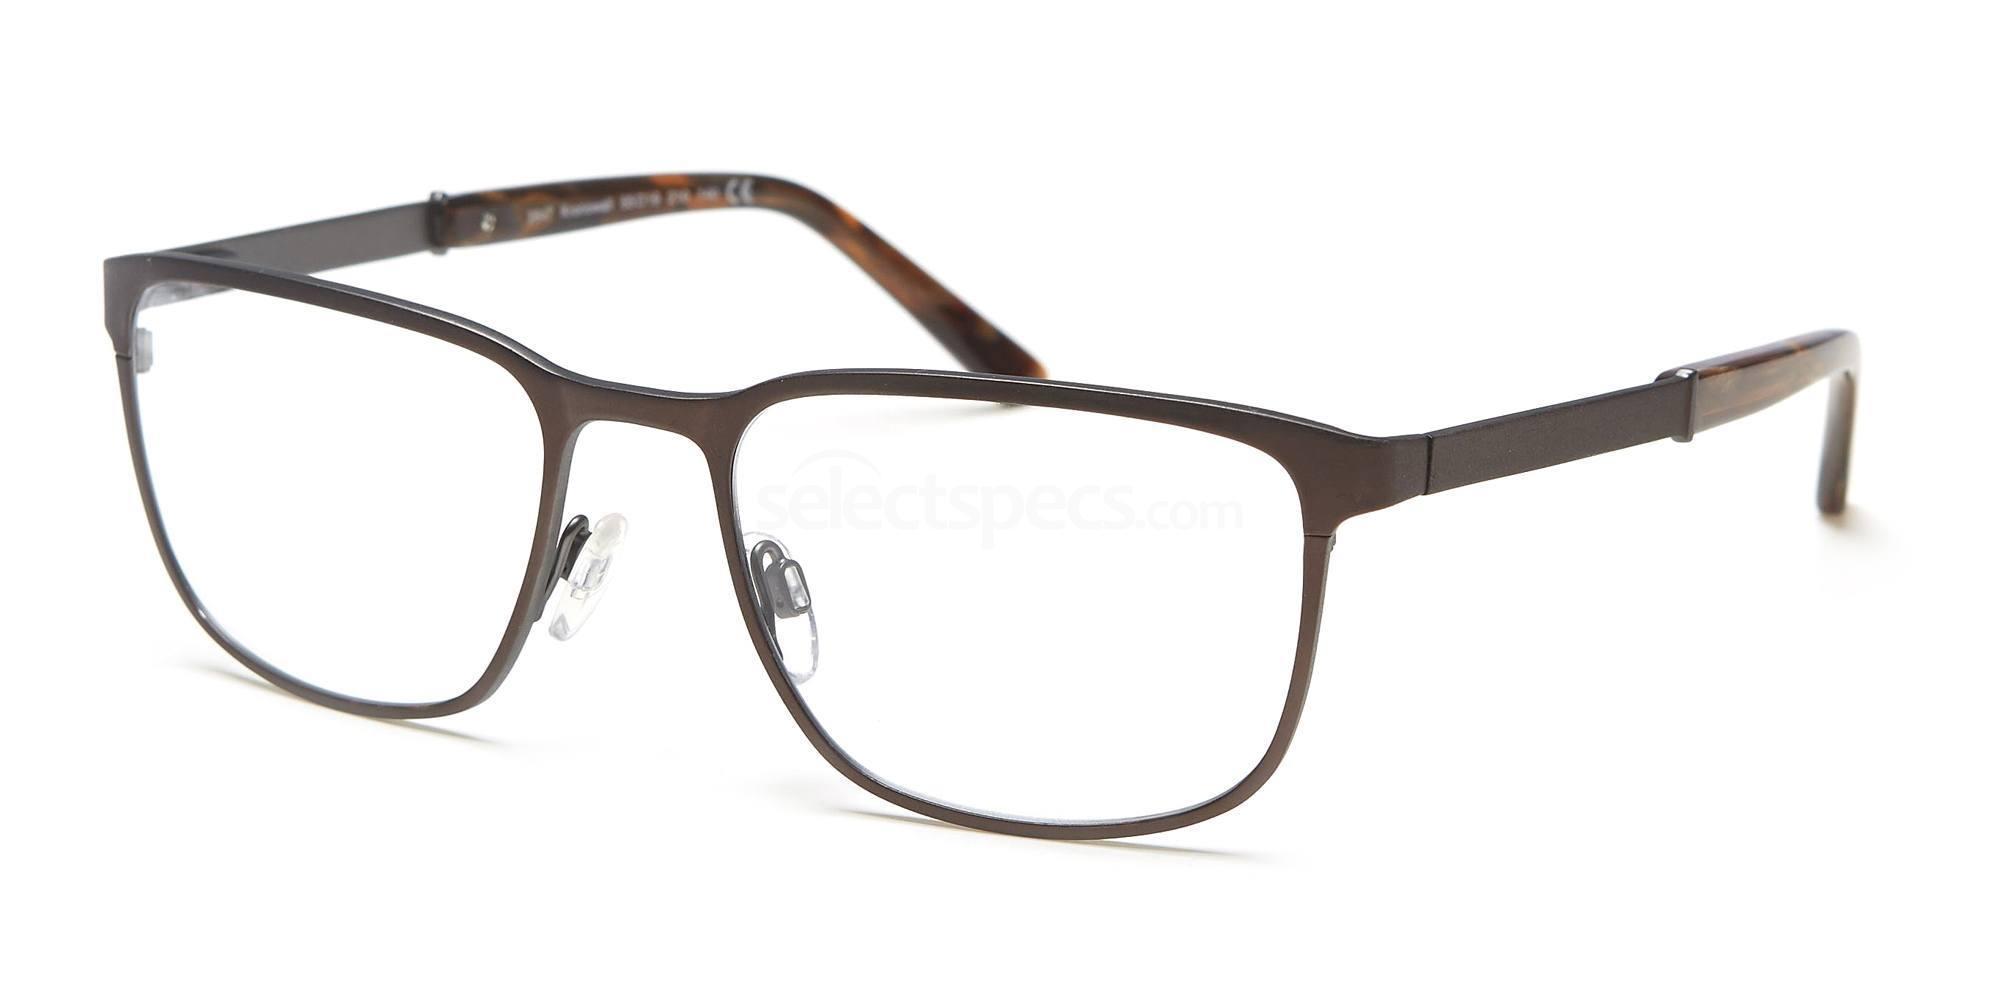 210 2647 KRONOWALL Glasses, Skaga